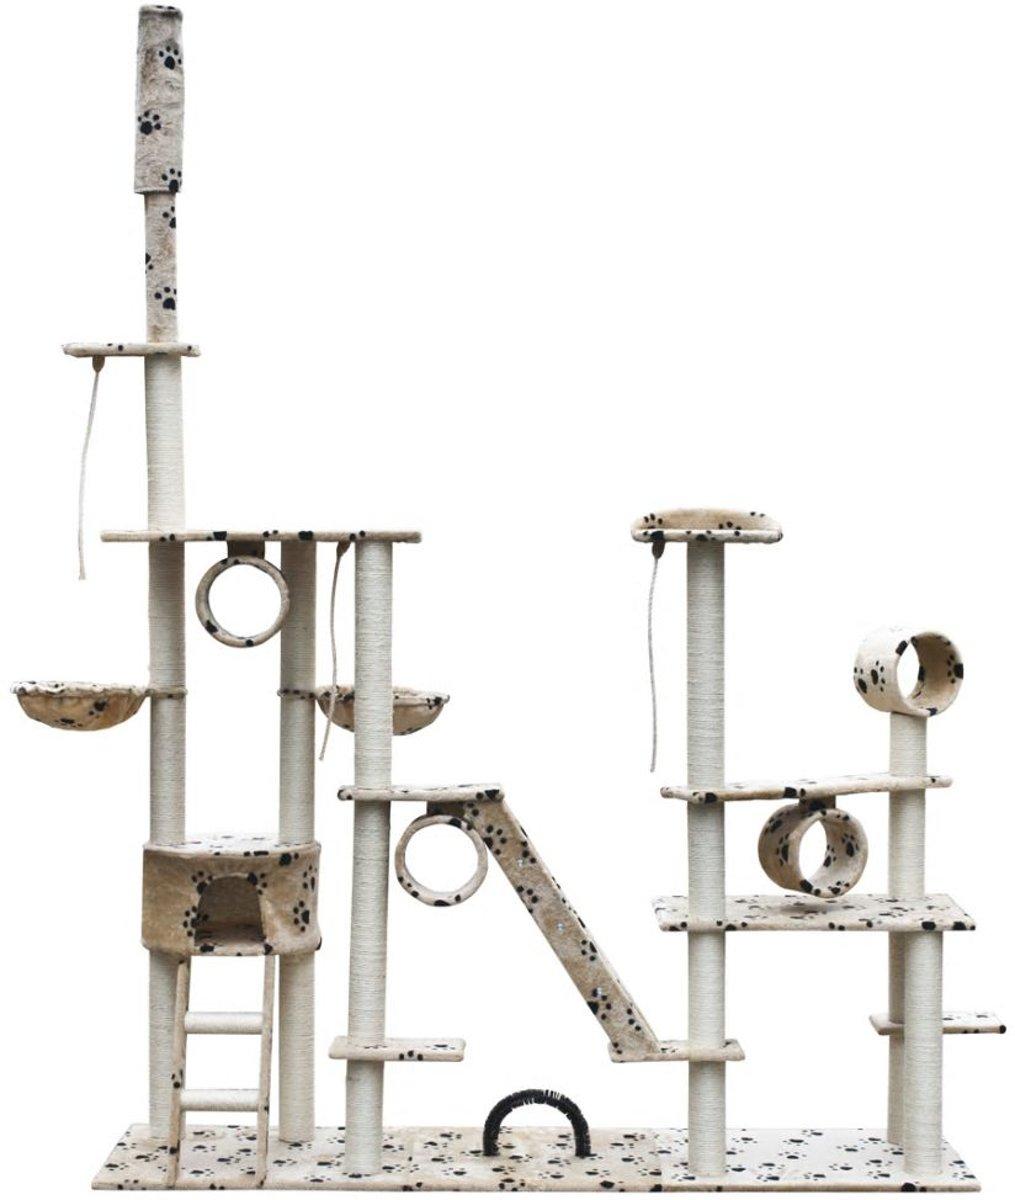 Krabpaal Saartje 230/260 cm 1 huisje - Beige met pootafdrukken